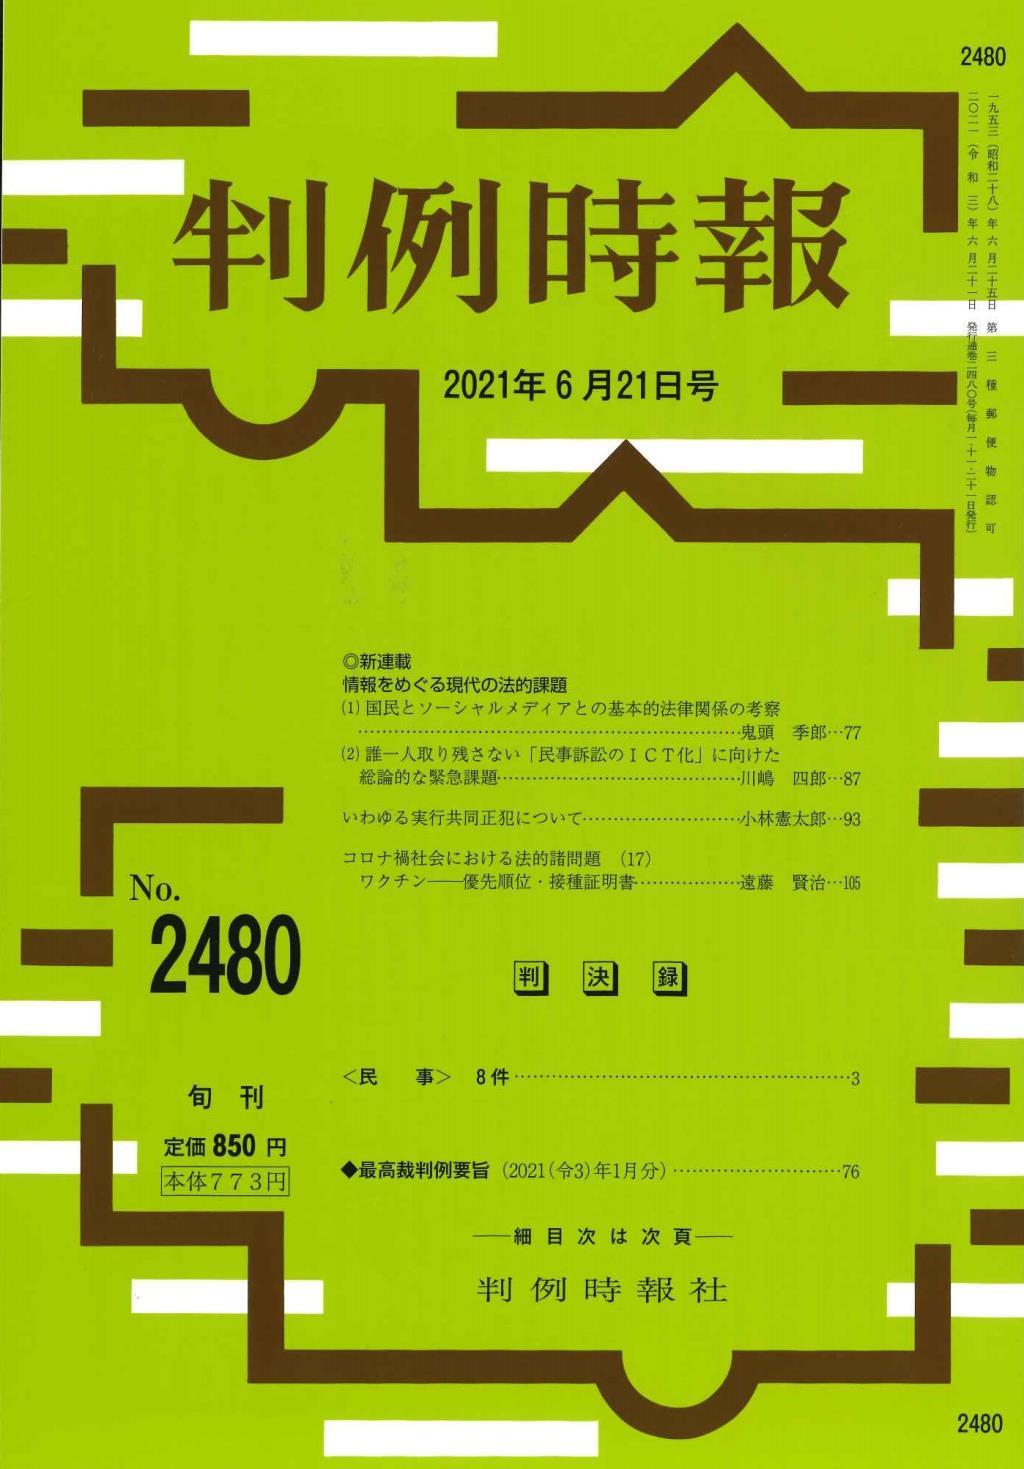 判例時報 No.2480 2021年6月21日号